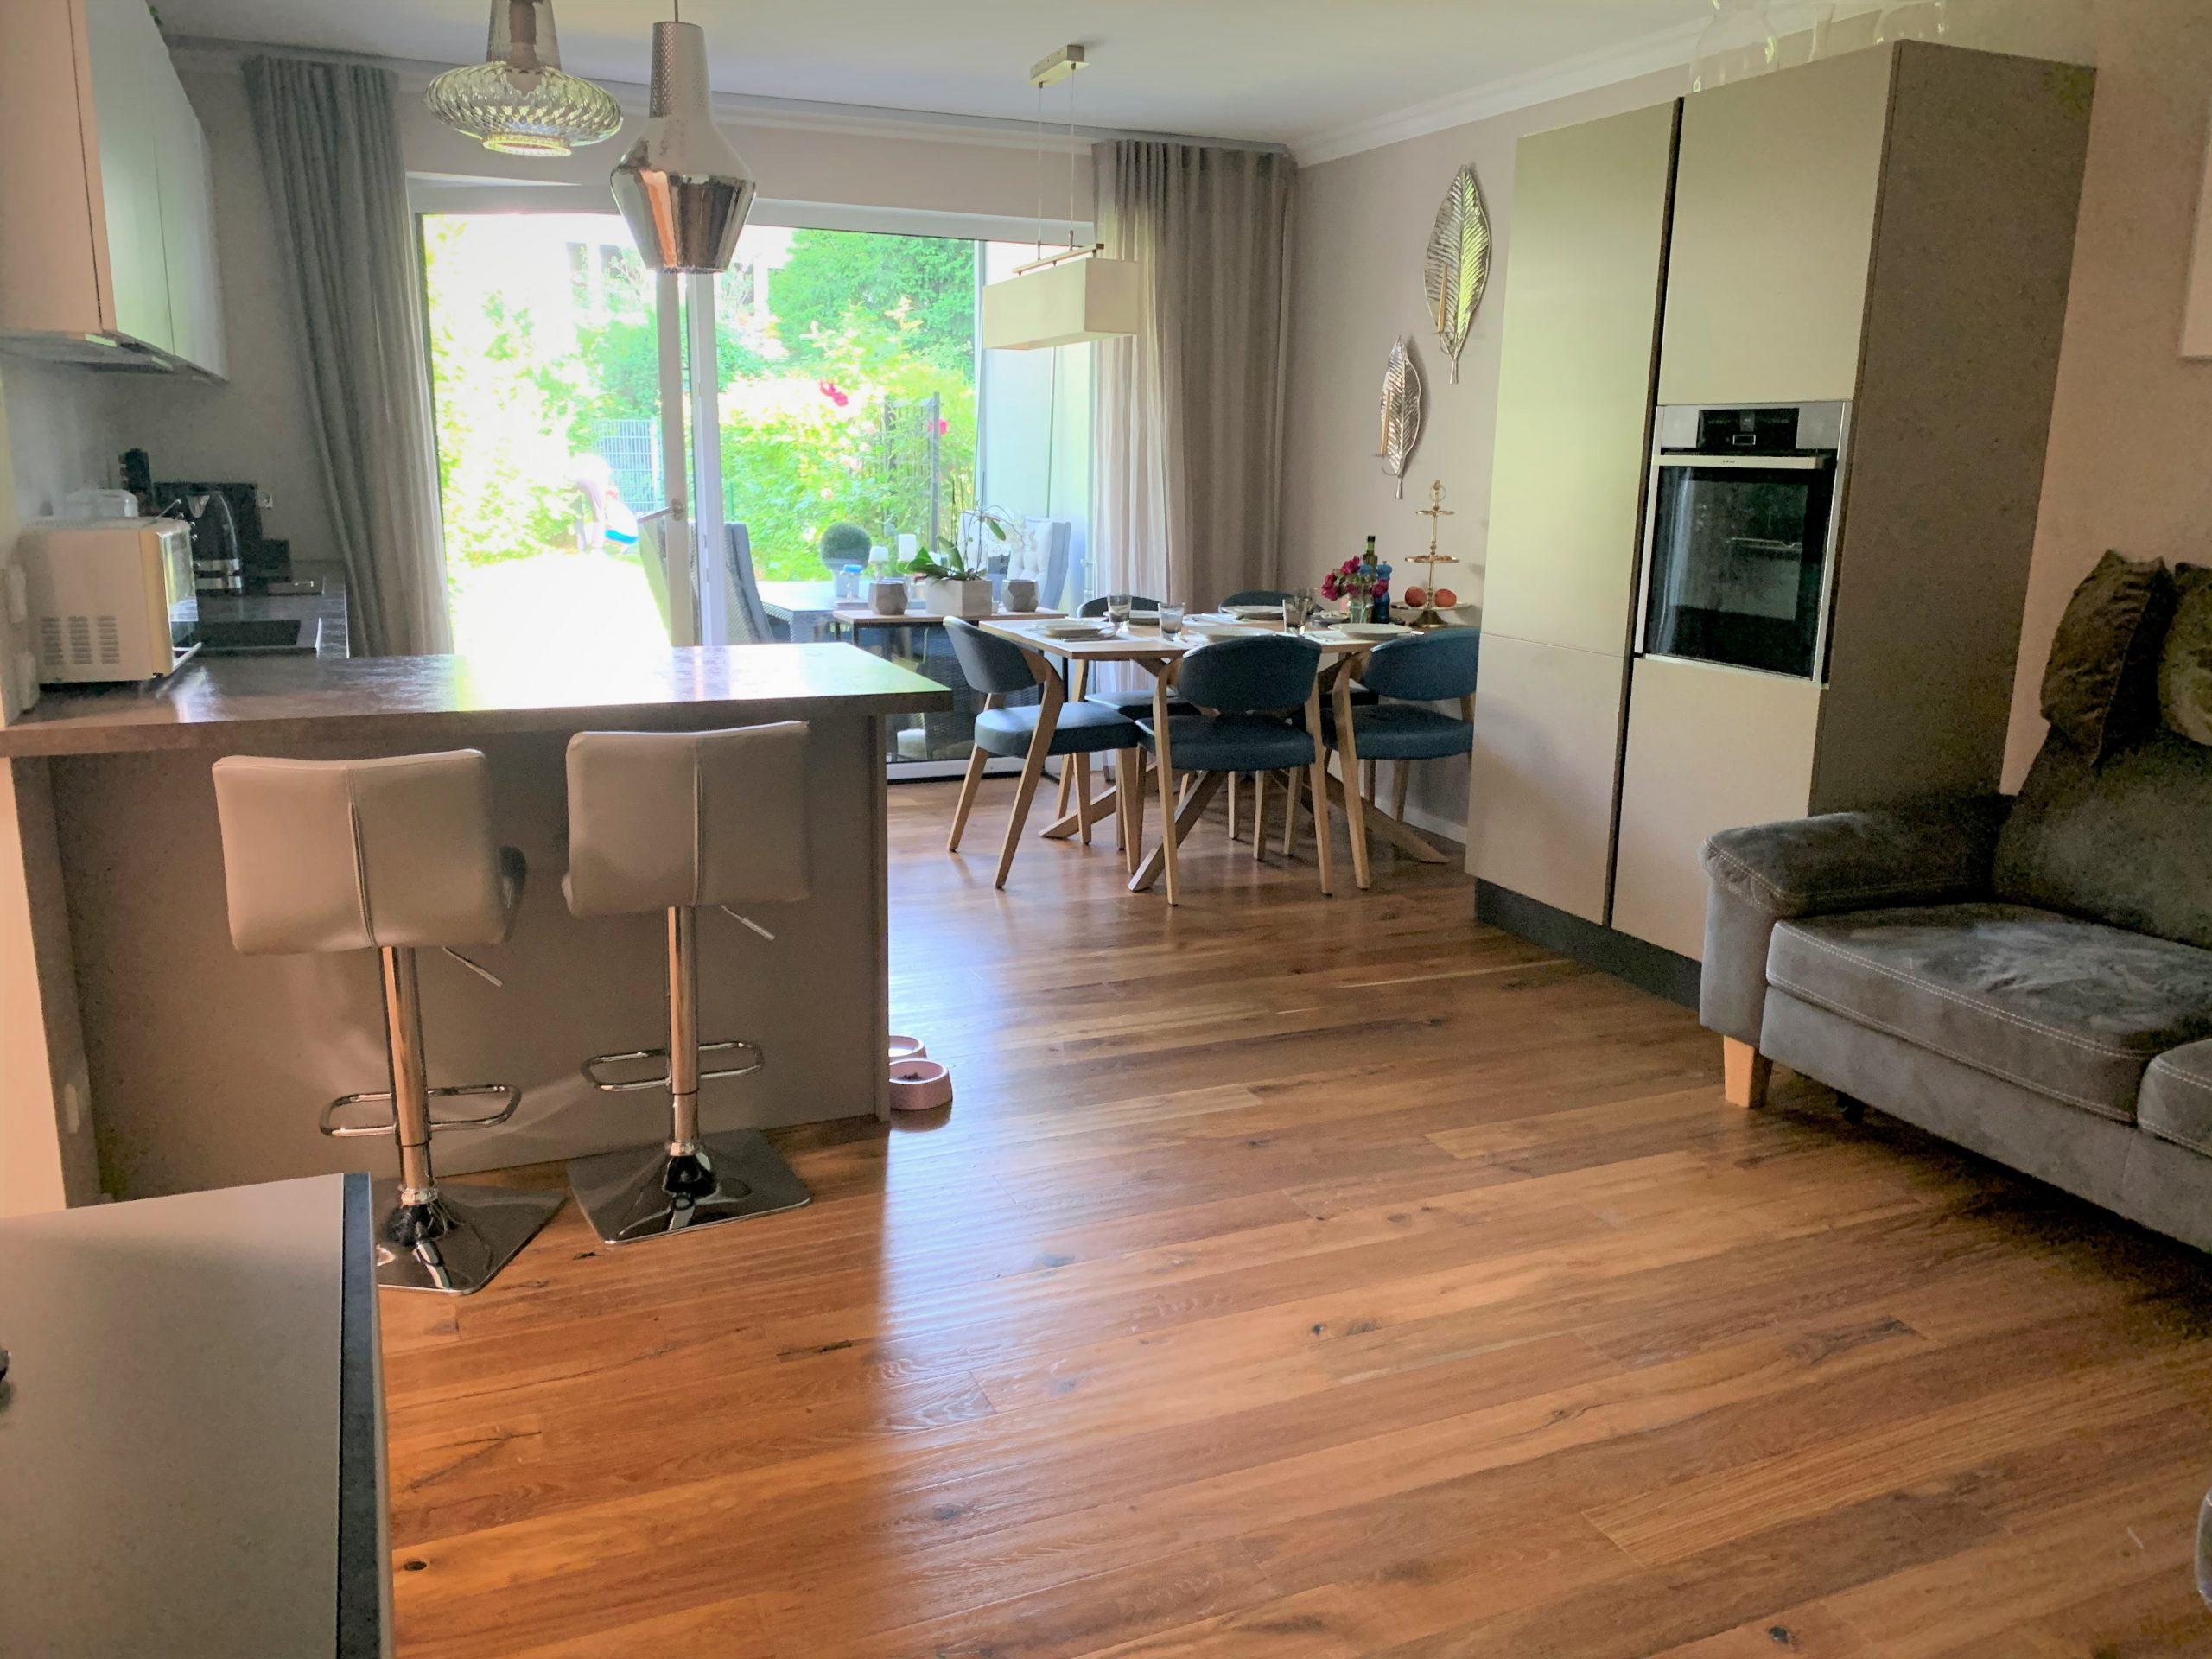 Wohnen in bester Stadtrandlage! Erdgeschoss- Wohlfühl-Wohnung mit schönem Gartenanteil München-Solln